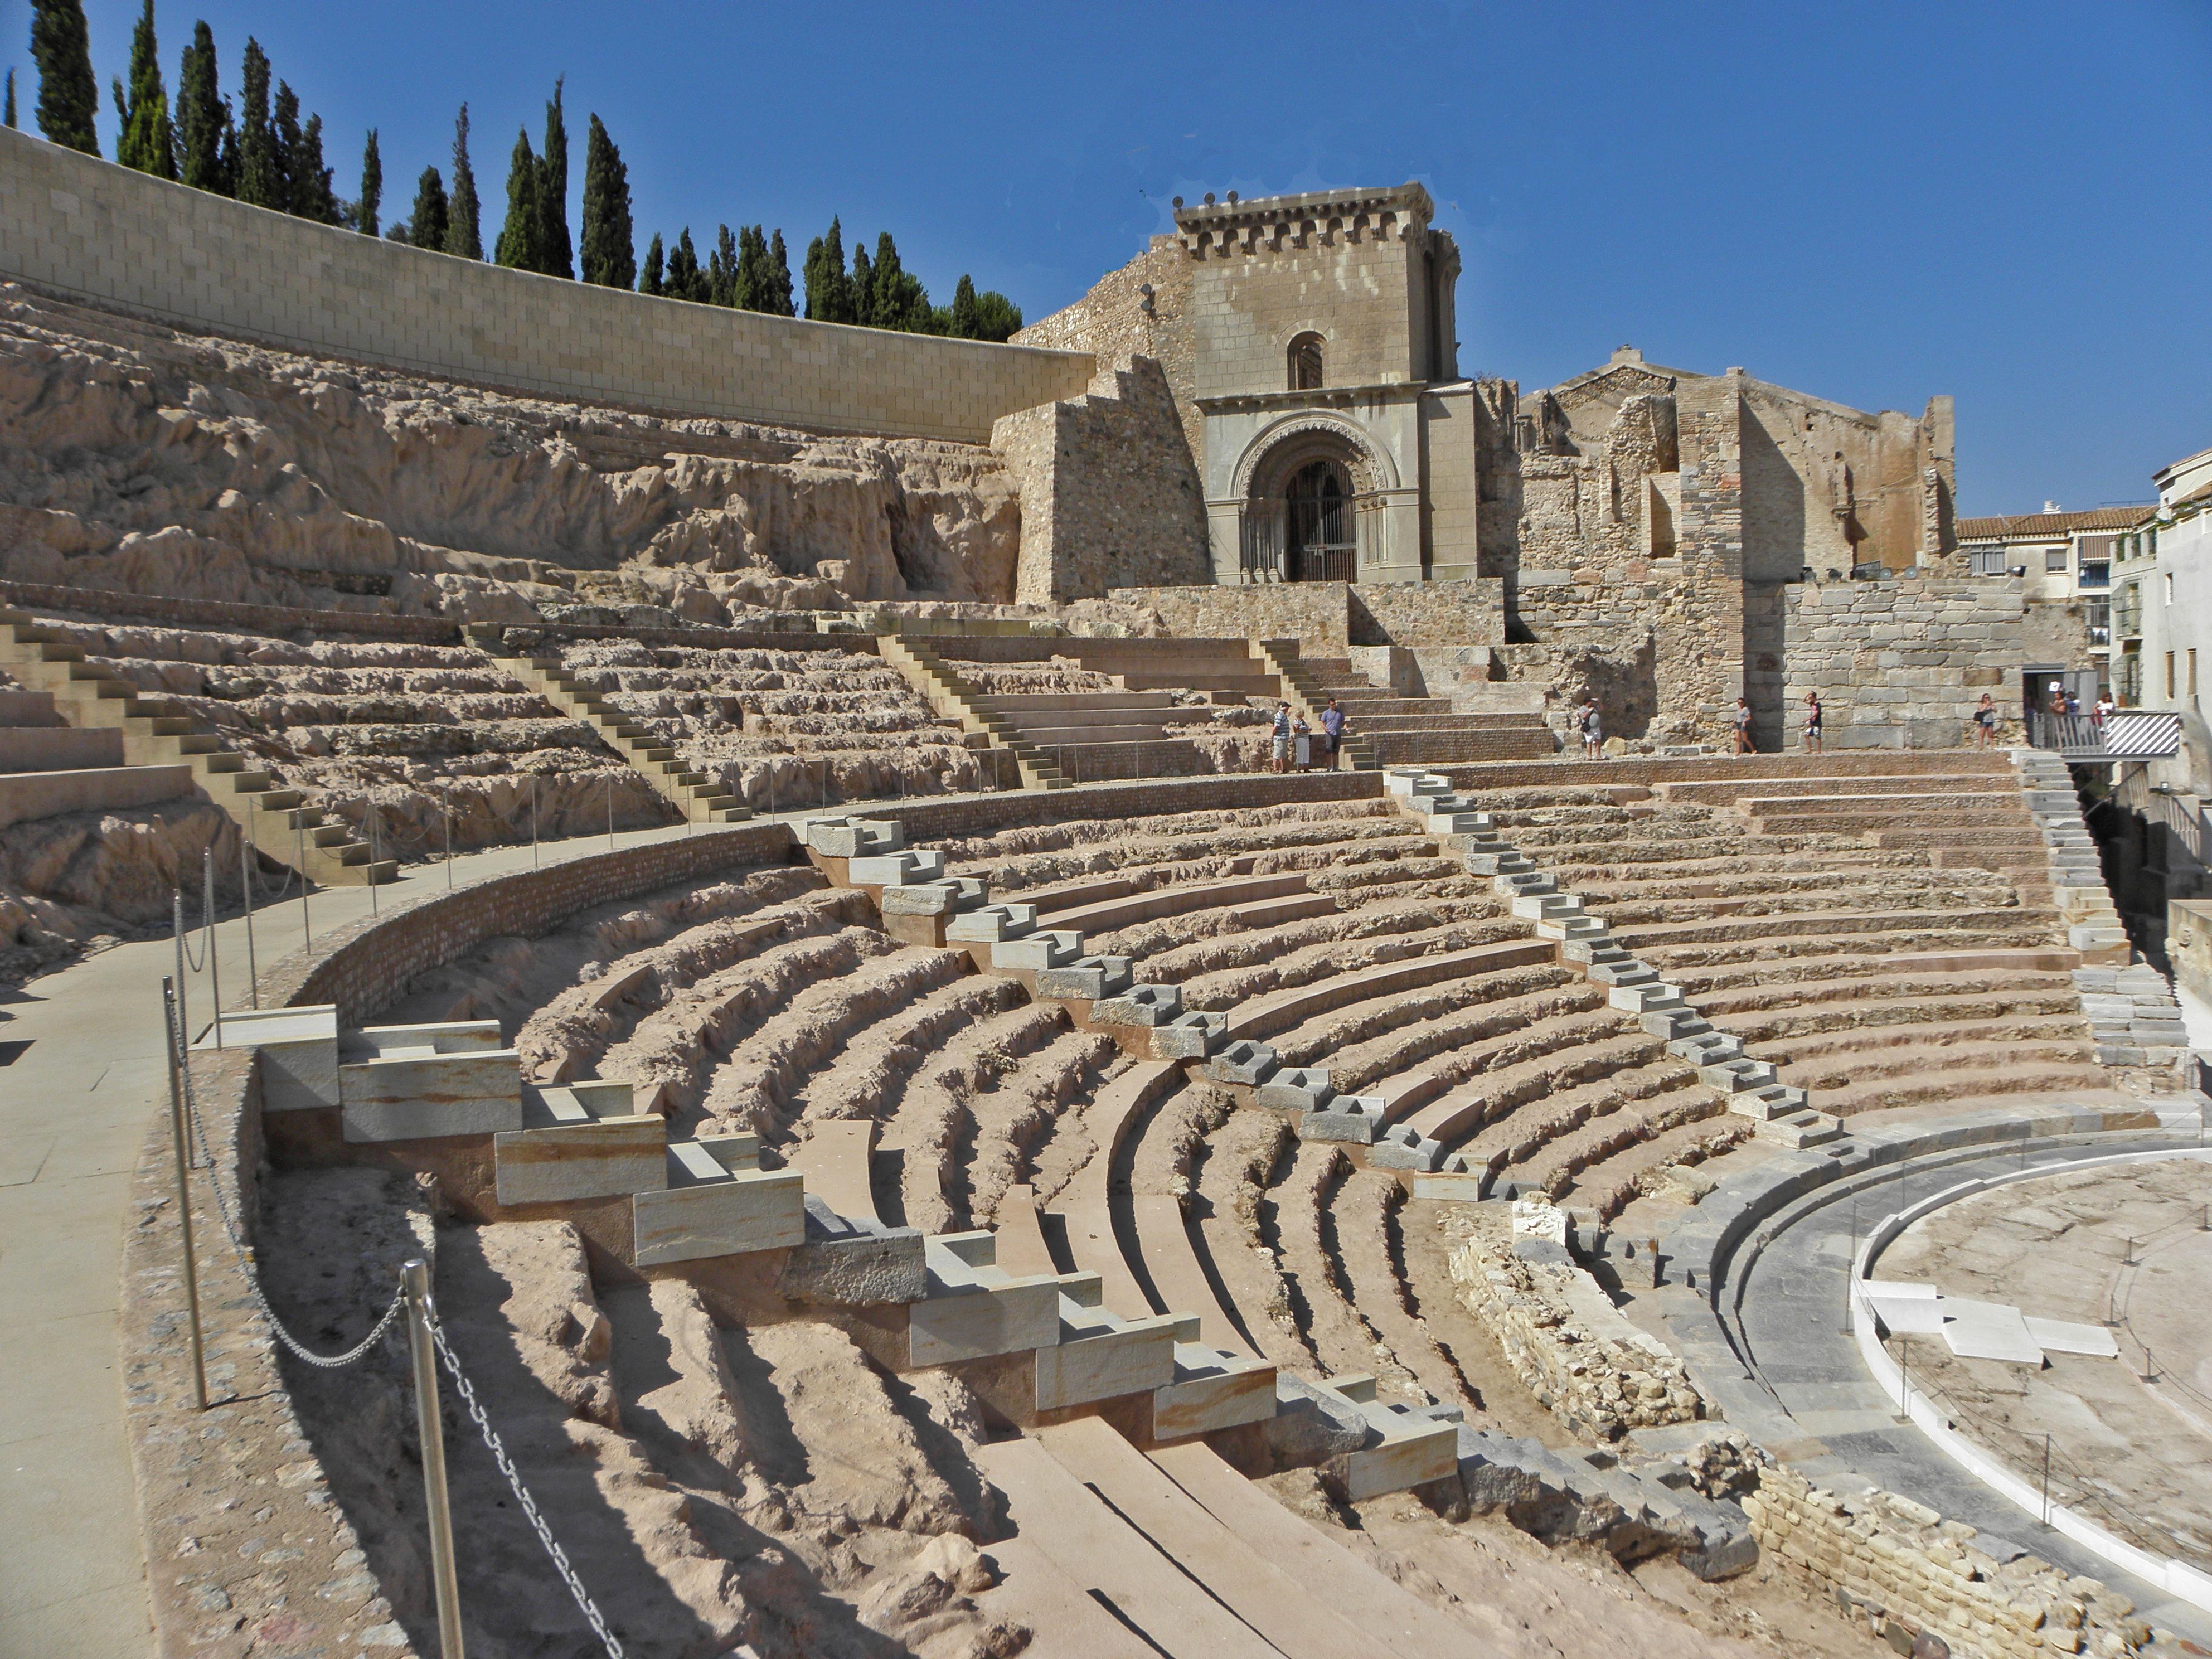 File:Teatro Romano de Cartagena (6052542686).jpg